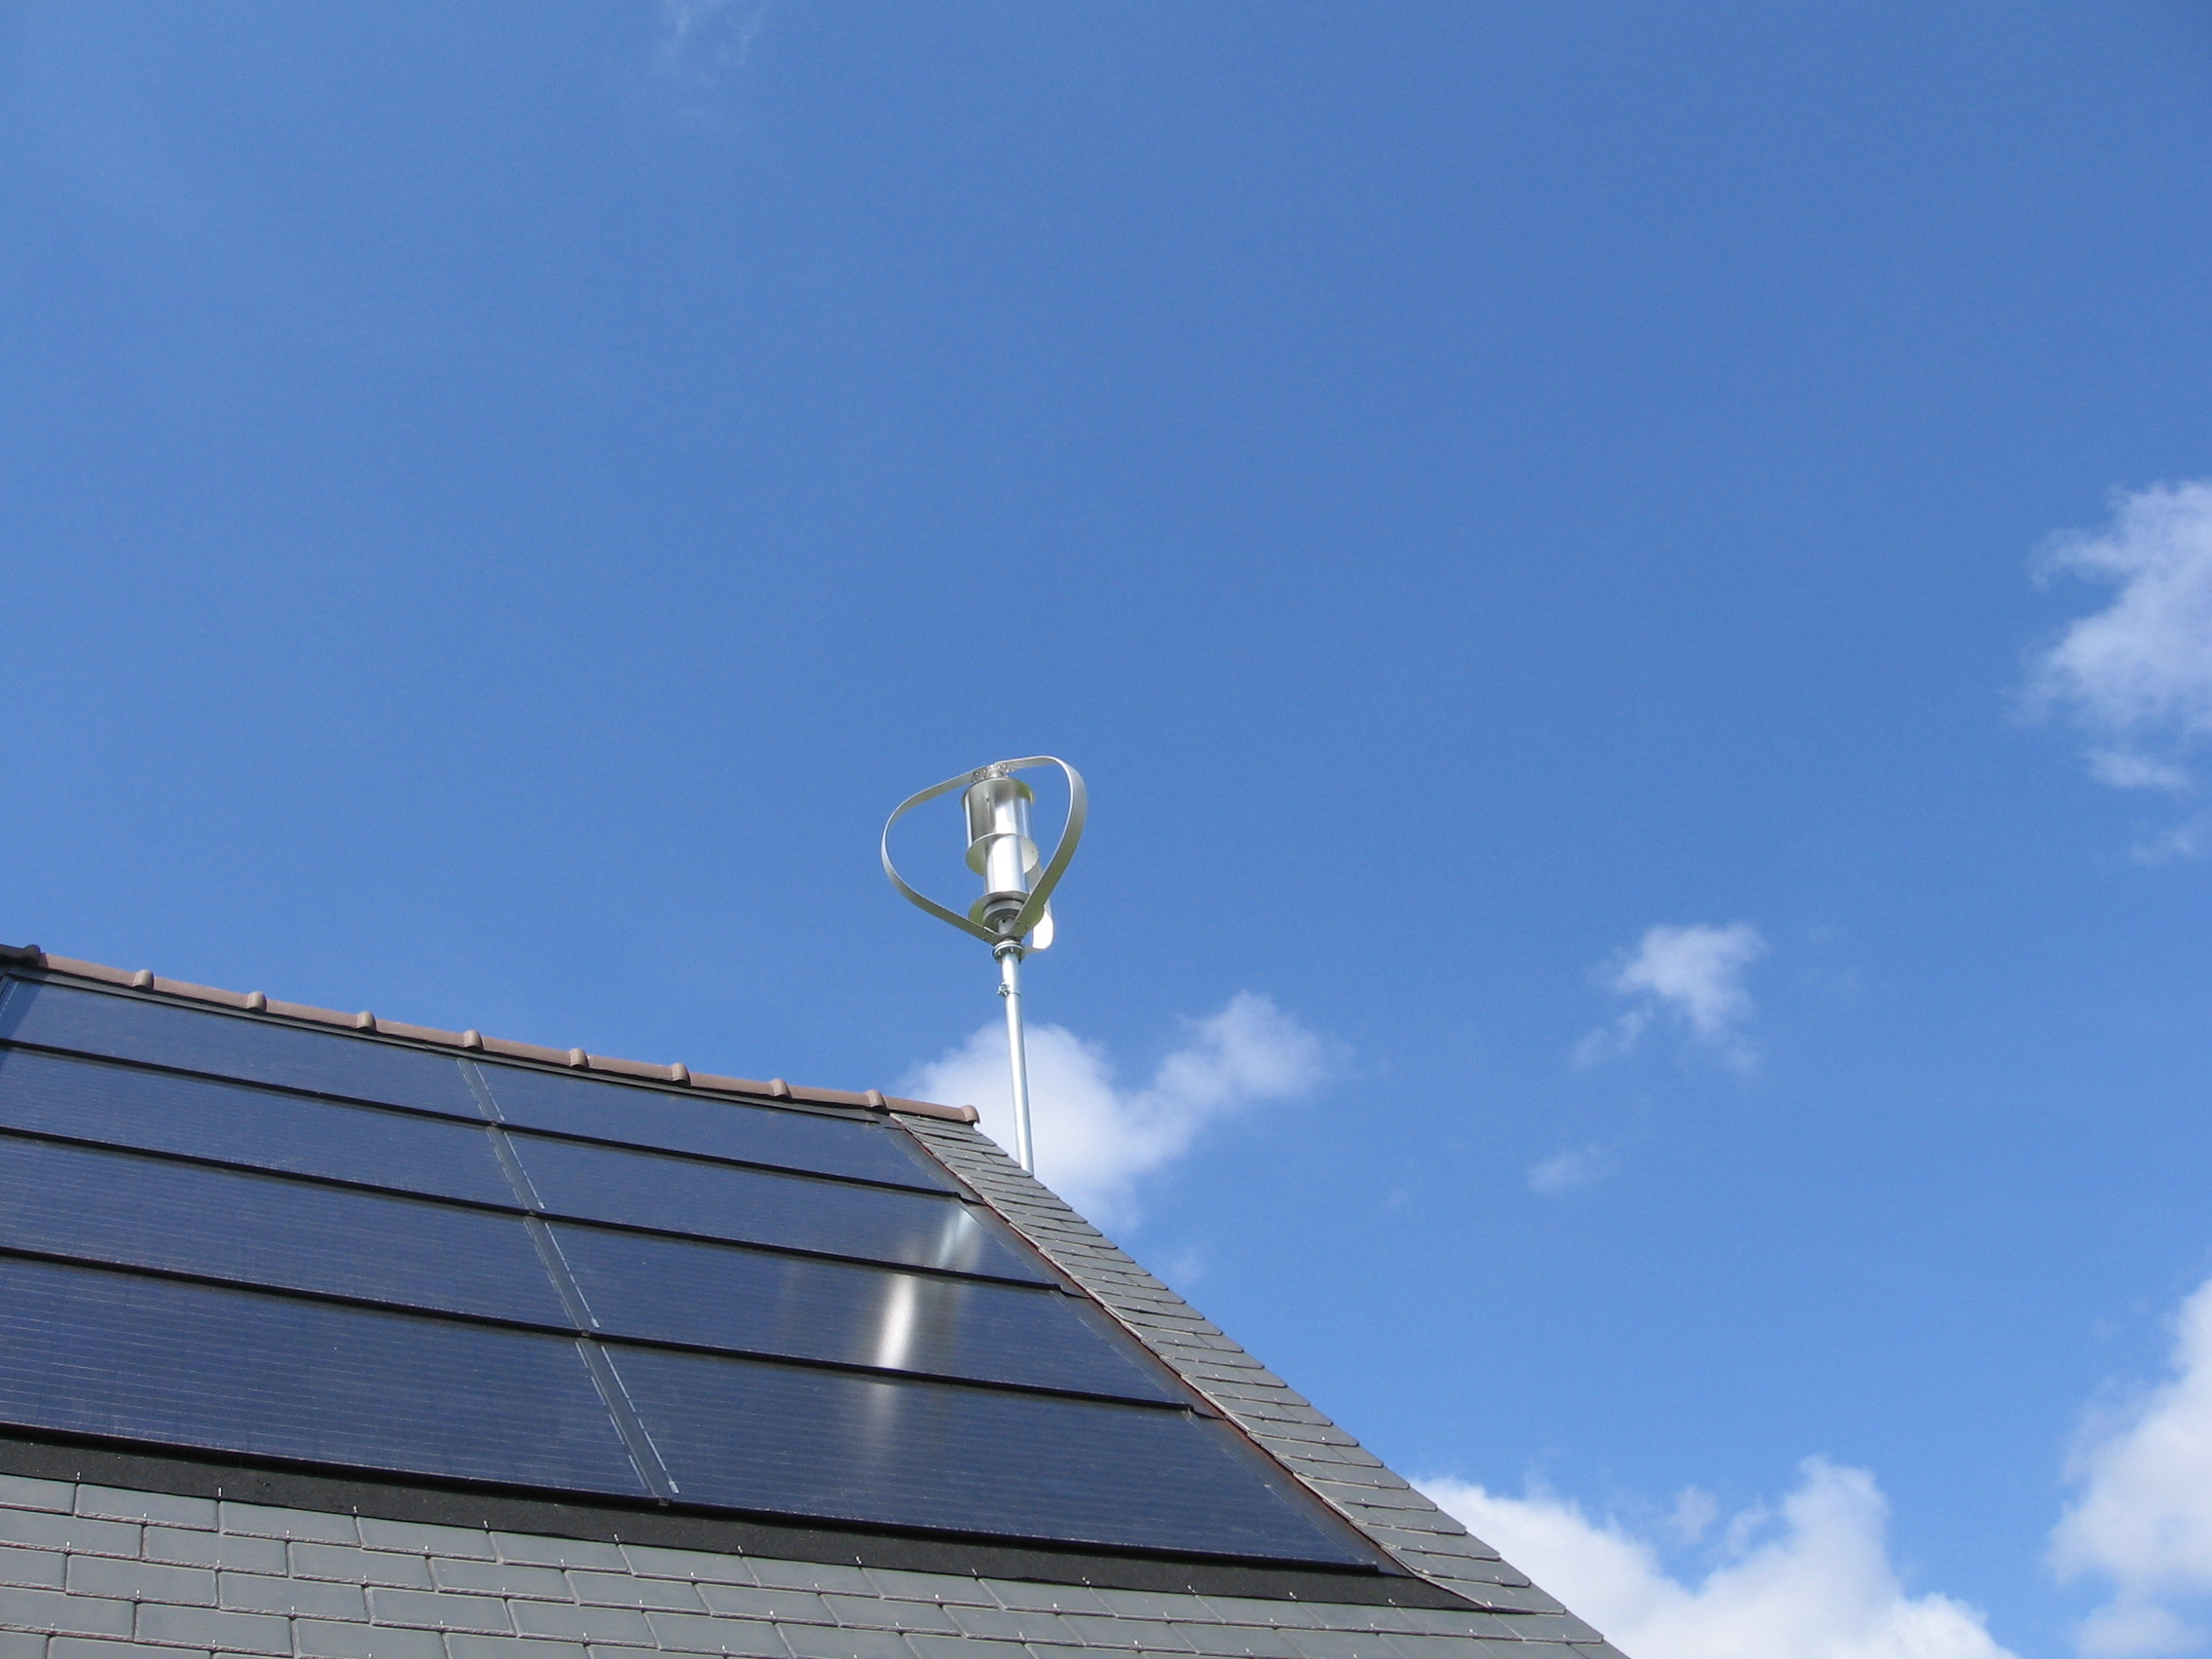 Le solaire hybride une solution avantageuse ma future maison - Panneaux solaires hybrides ...